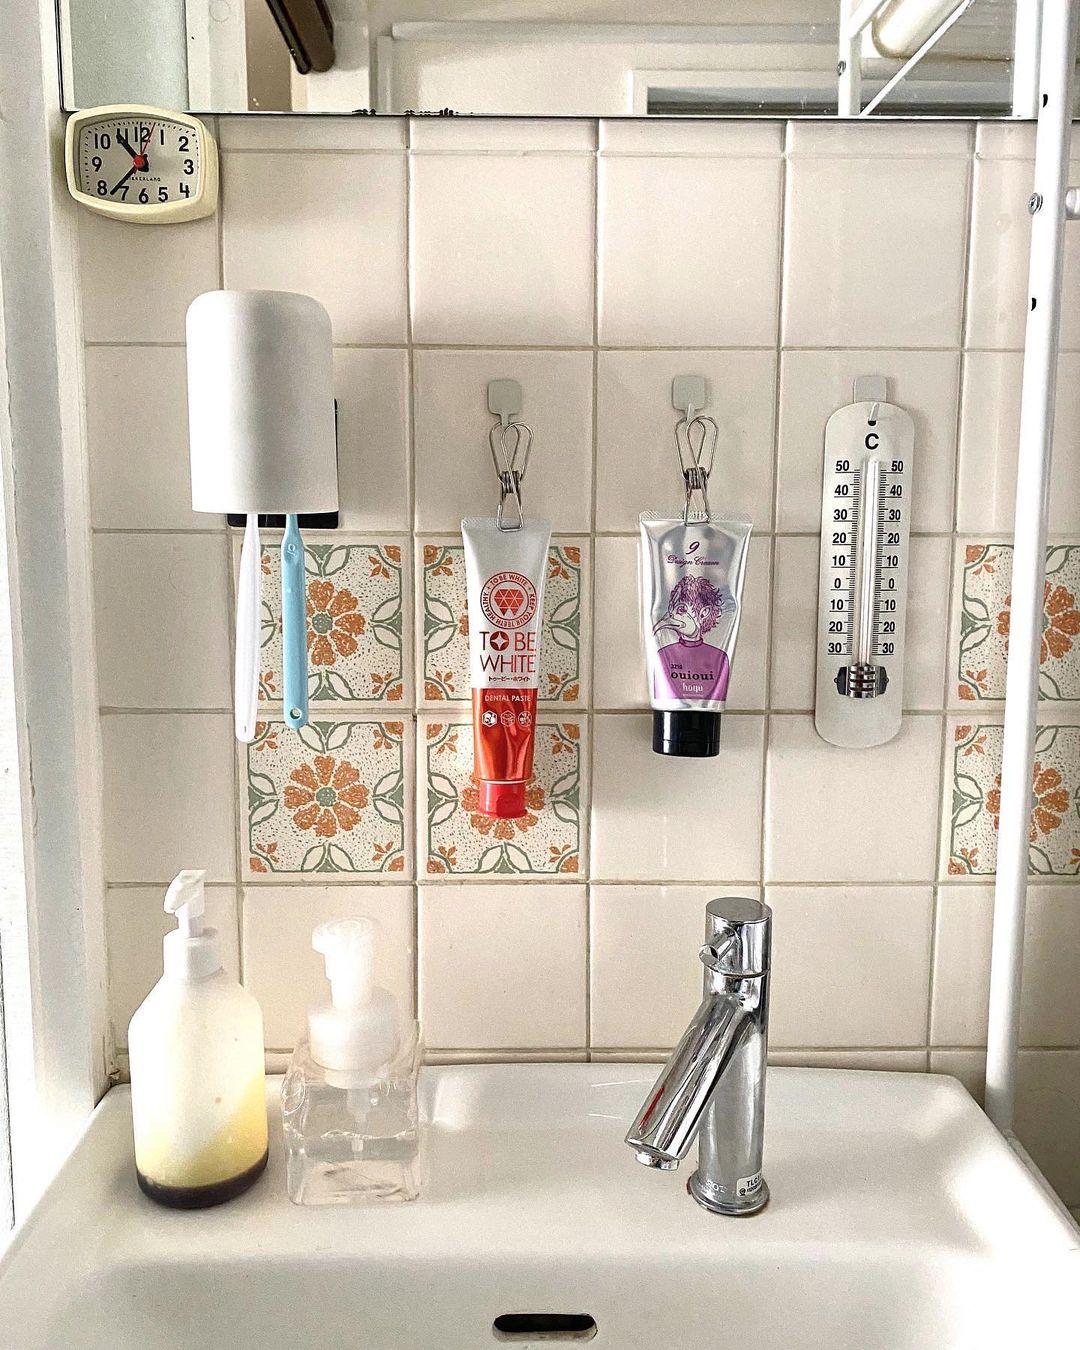 洗面所も、フックとワイヤークリップを使って、ひと工夫。真似したくなるアイディアです。